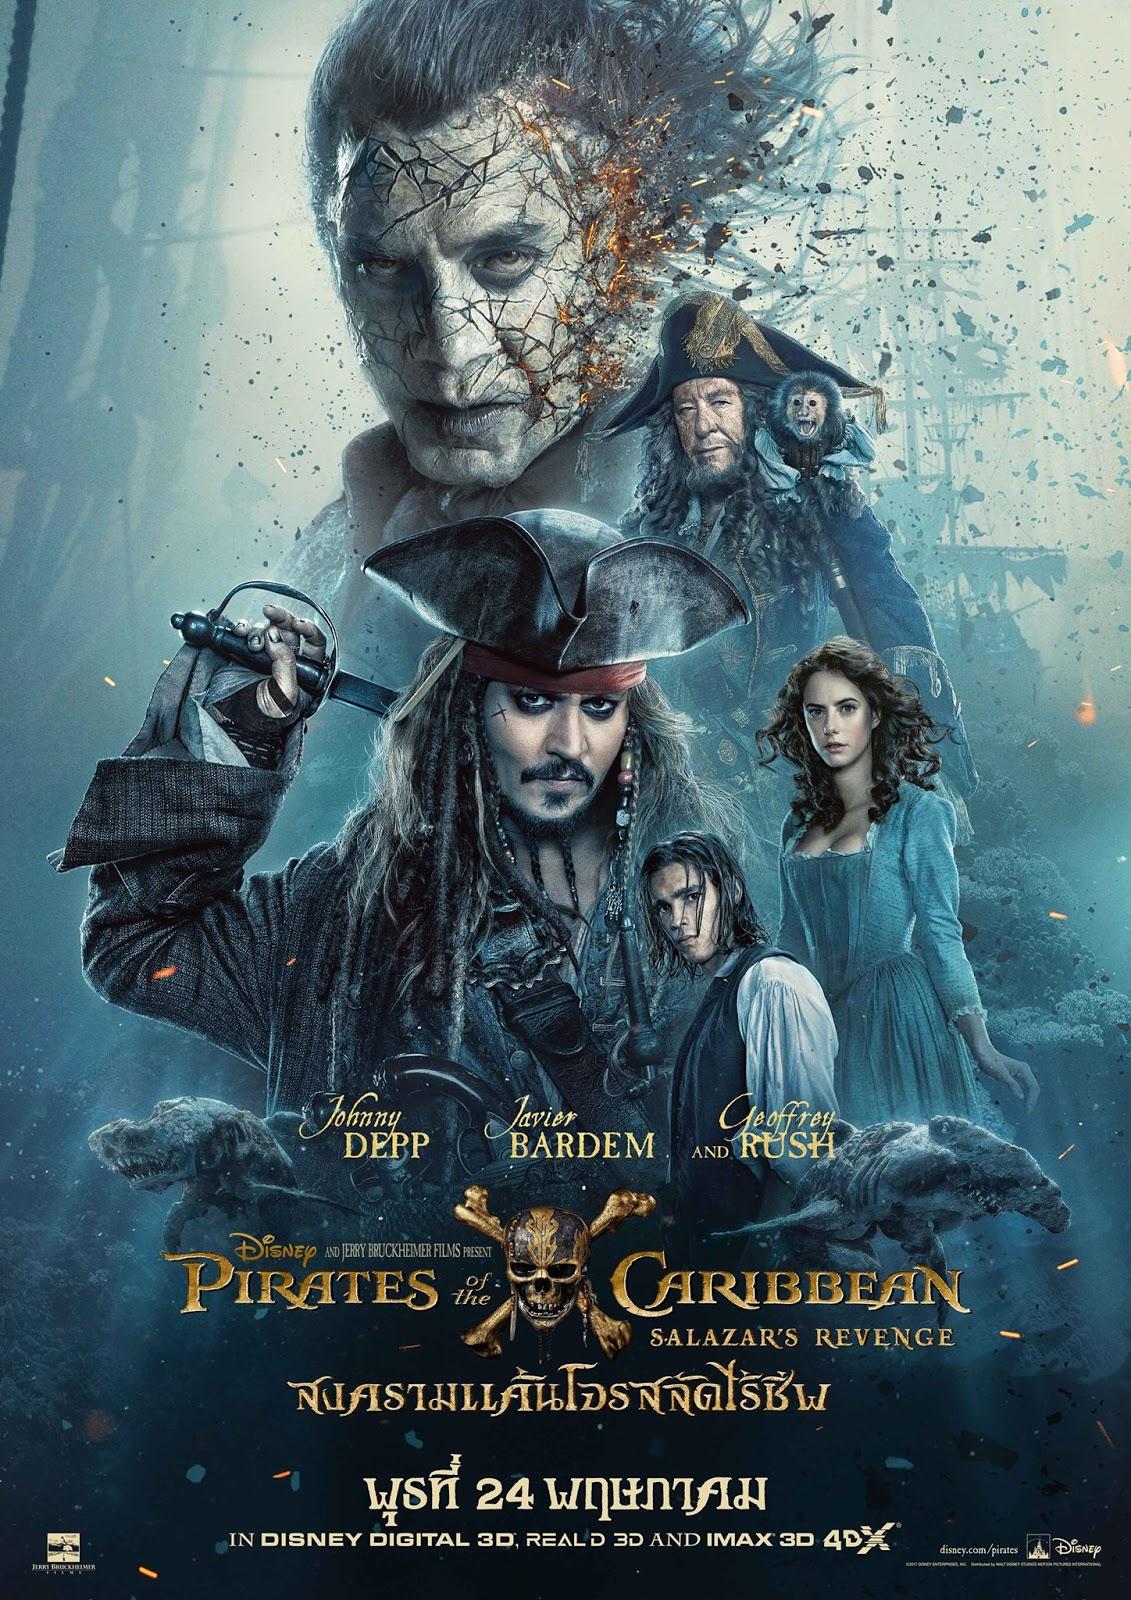 ตัวอย่างหนังใหม่ : Pirates of the Caribbean: Dead Men Tell No Tales (ไพเรทส์ ออฟ เดอะ แคริบเบียน: สงครามแค้นโจรสลัดไร้ชีพ) ตัวอย่างที่ 2 ซับไทย poster thai